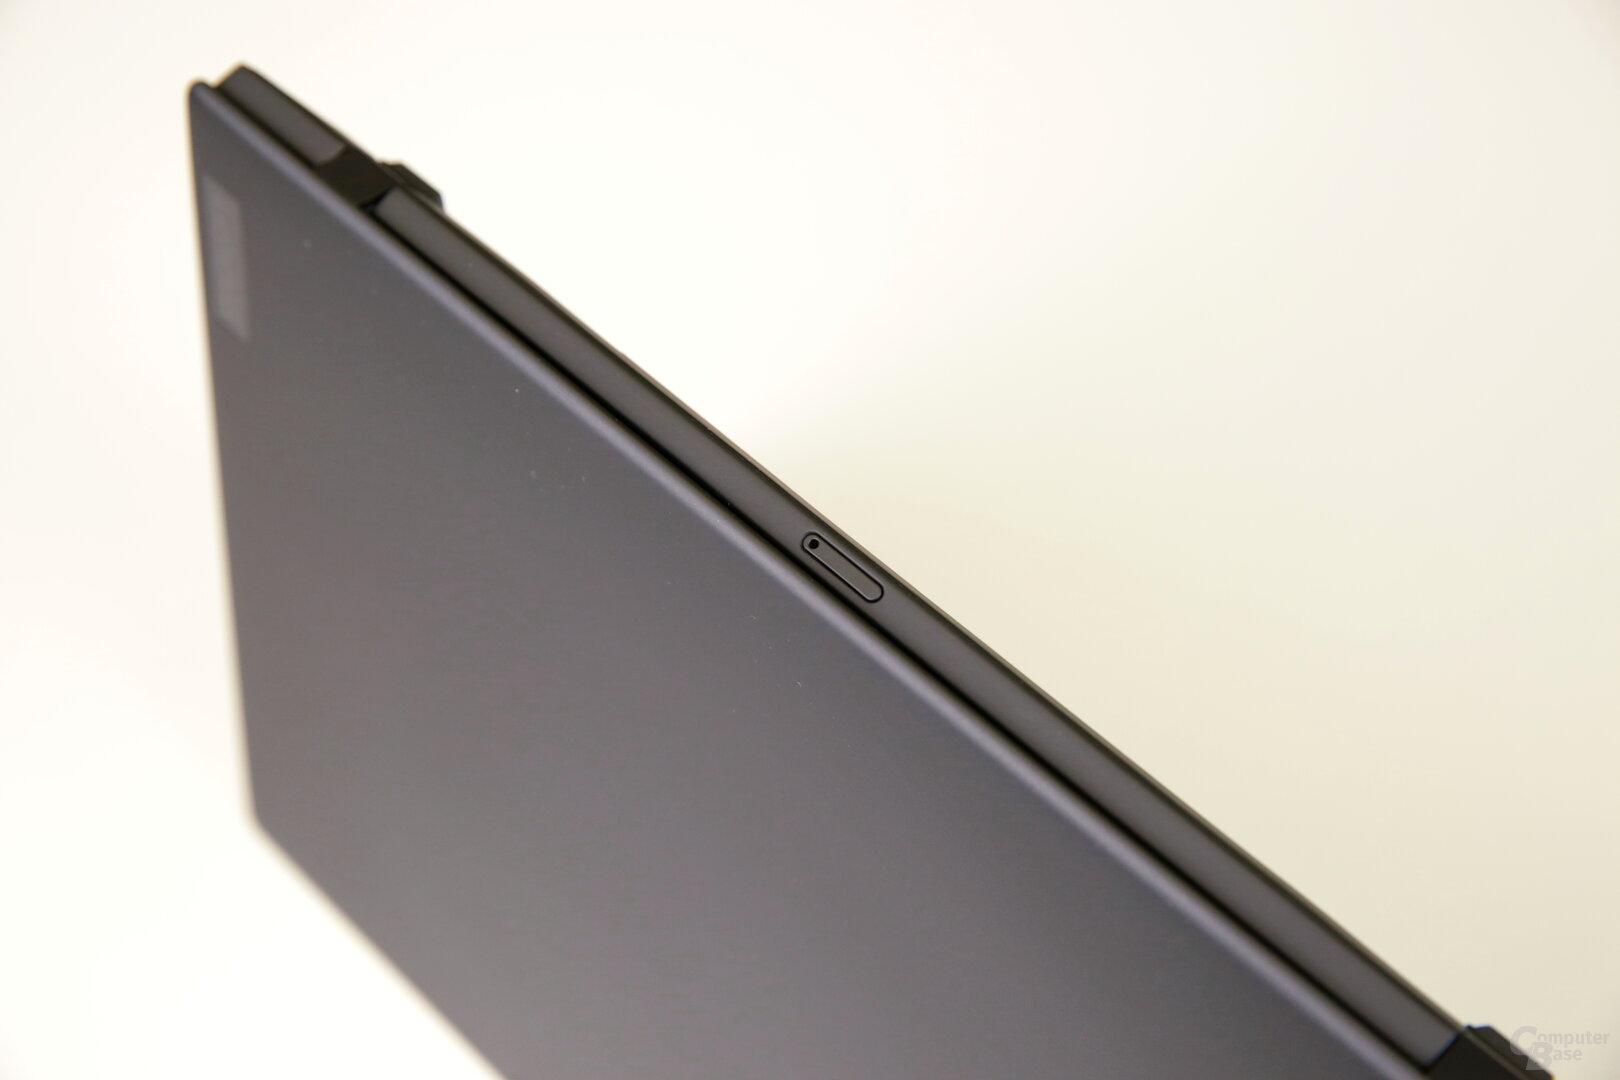 Der Nano-SIM-Slot des WWAN-Moduls sitzt hinten